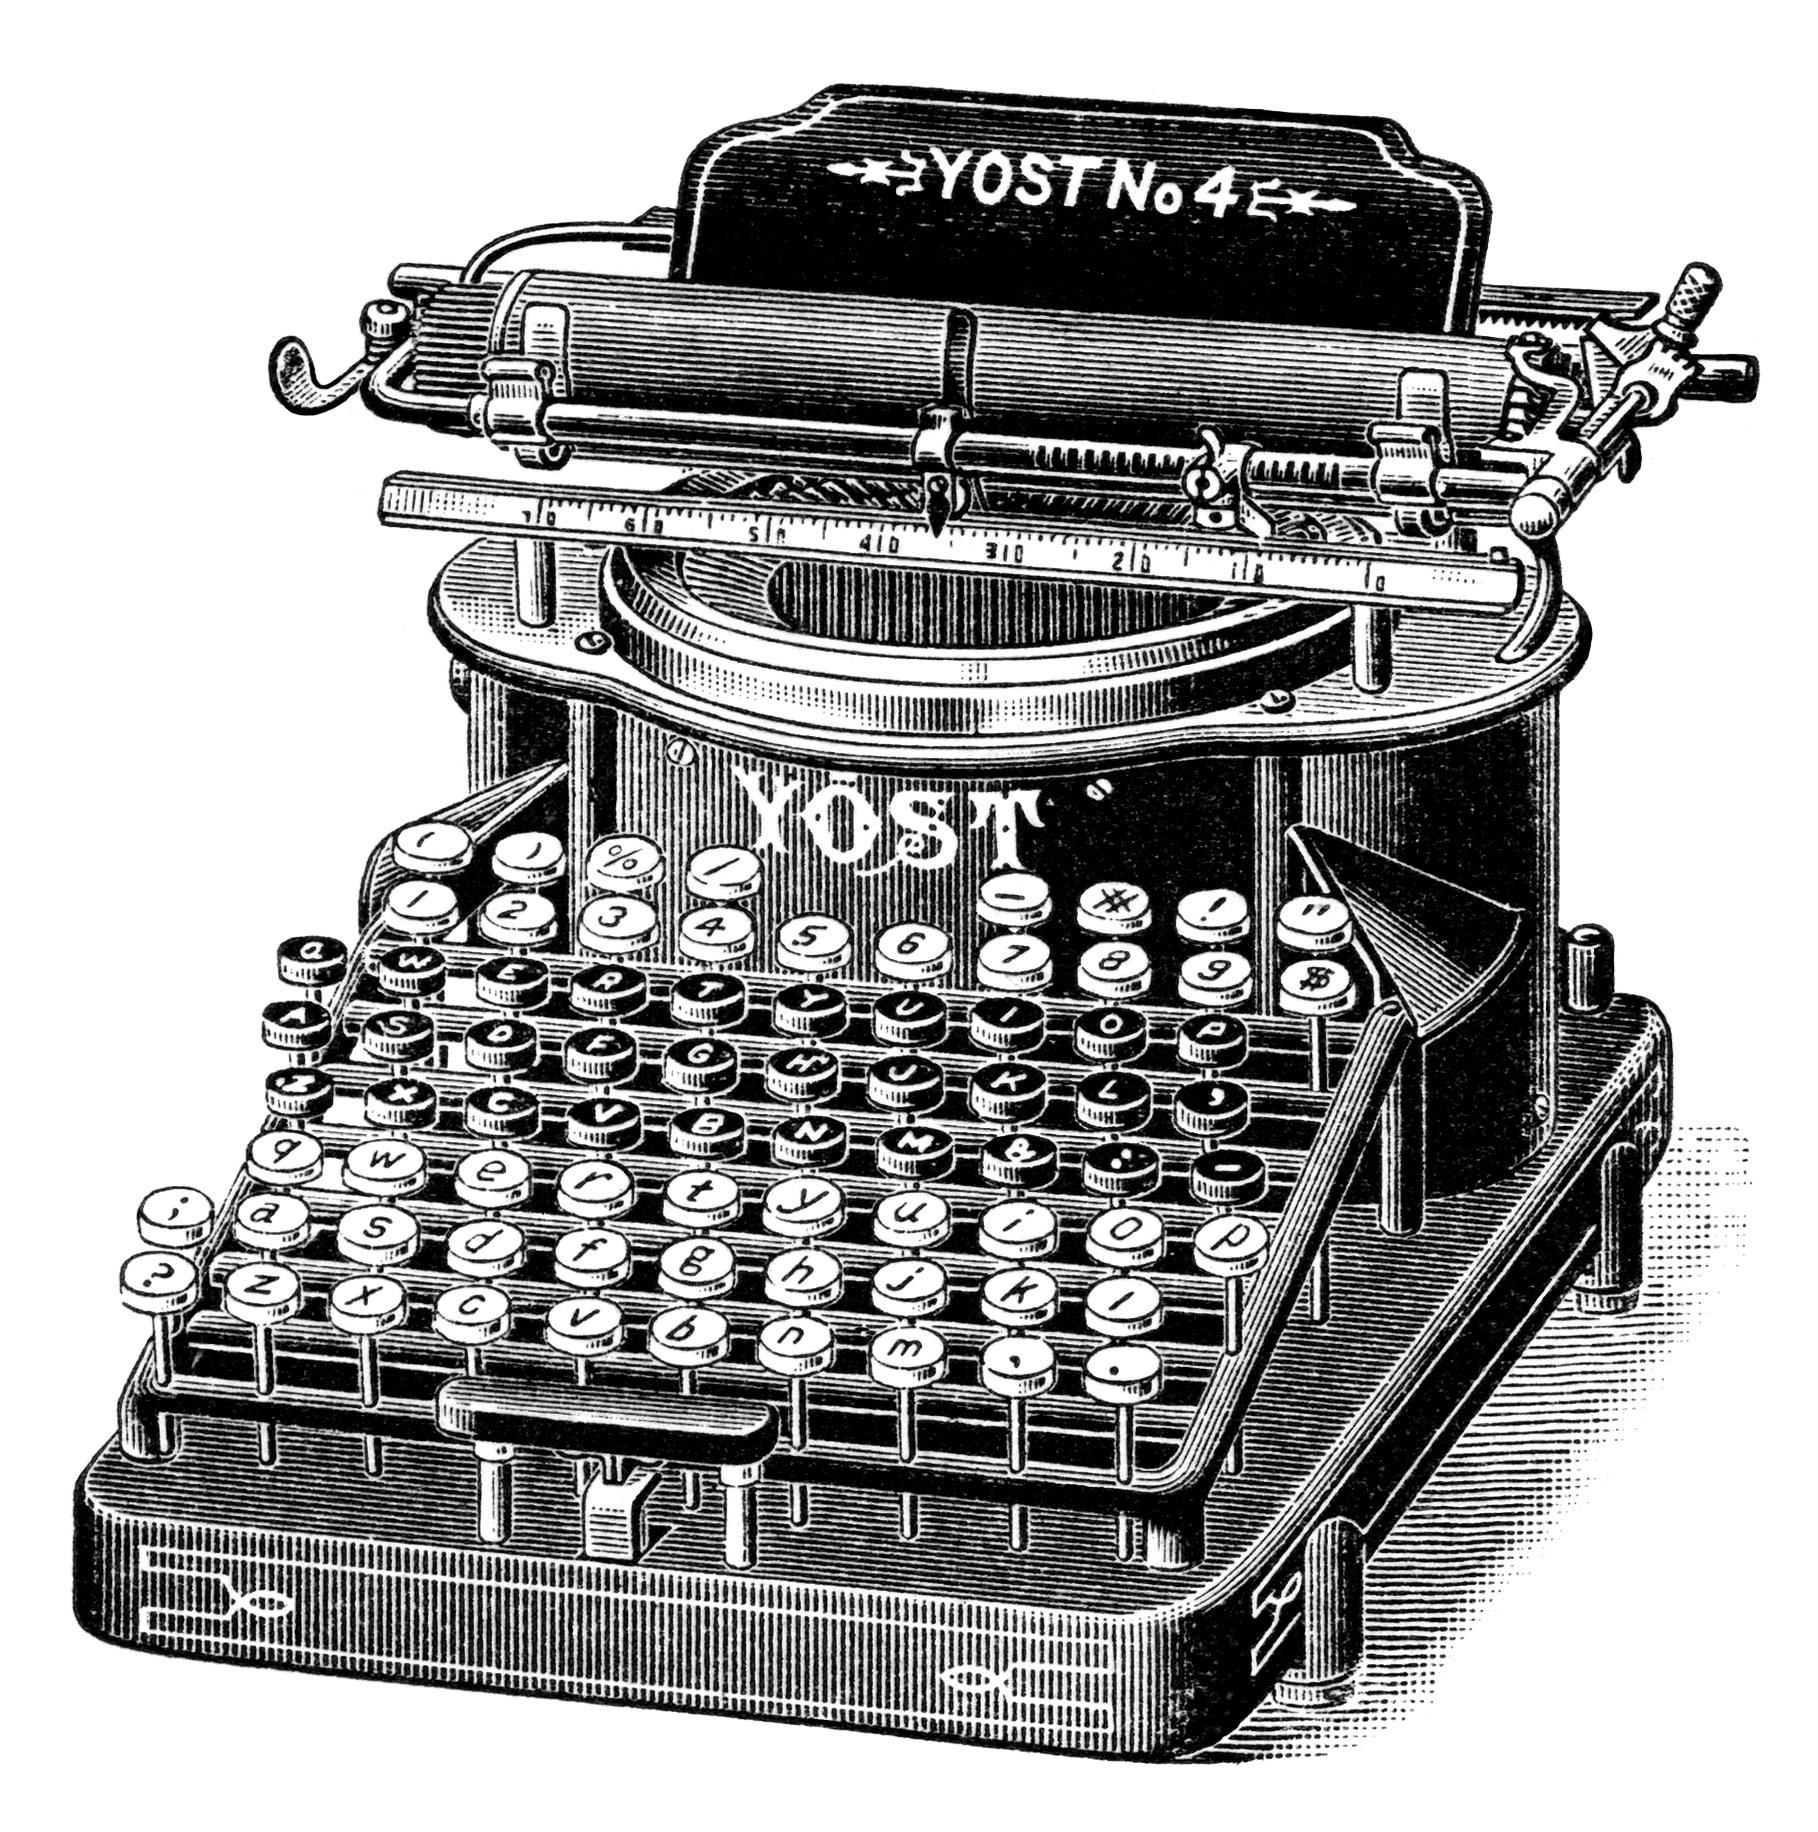 Antique typewriter clipart #7